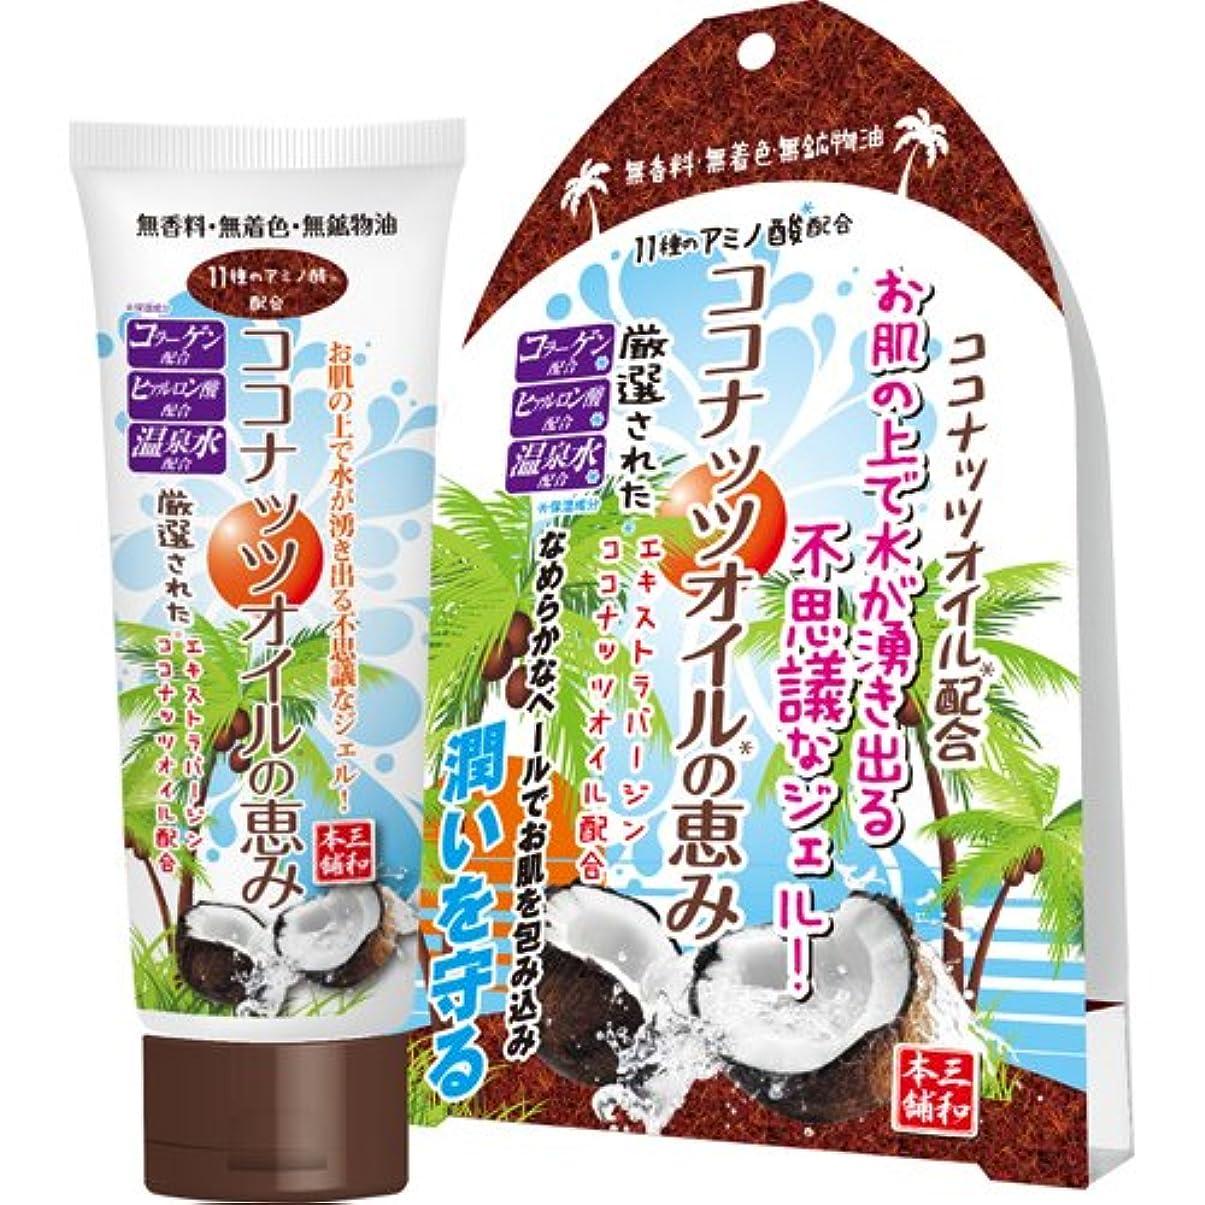 バター霜力オールインワンジェル ココナッツオイルの恵み(化粧品) 150g